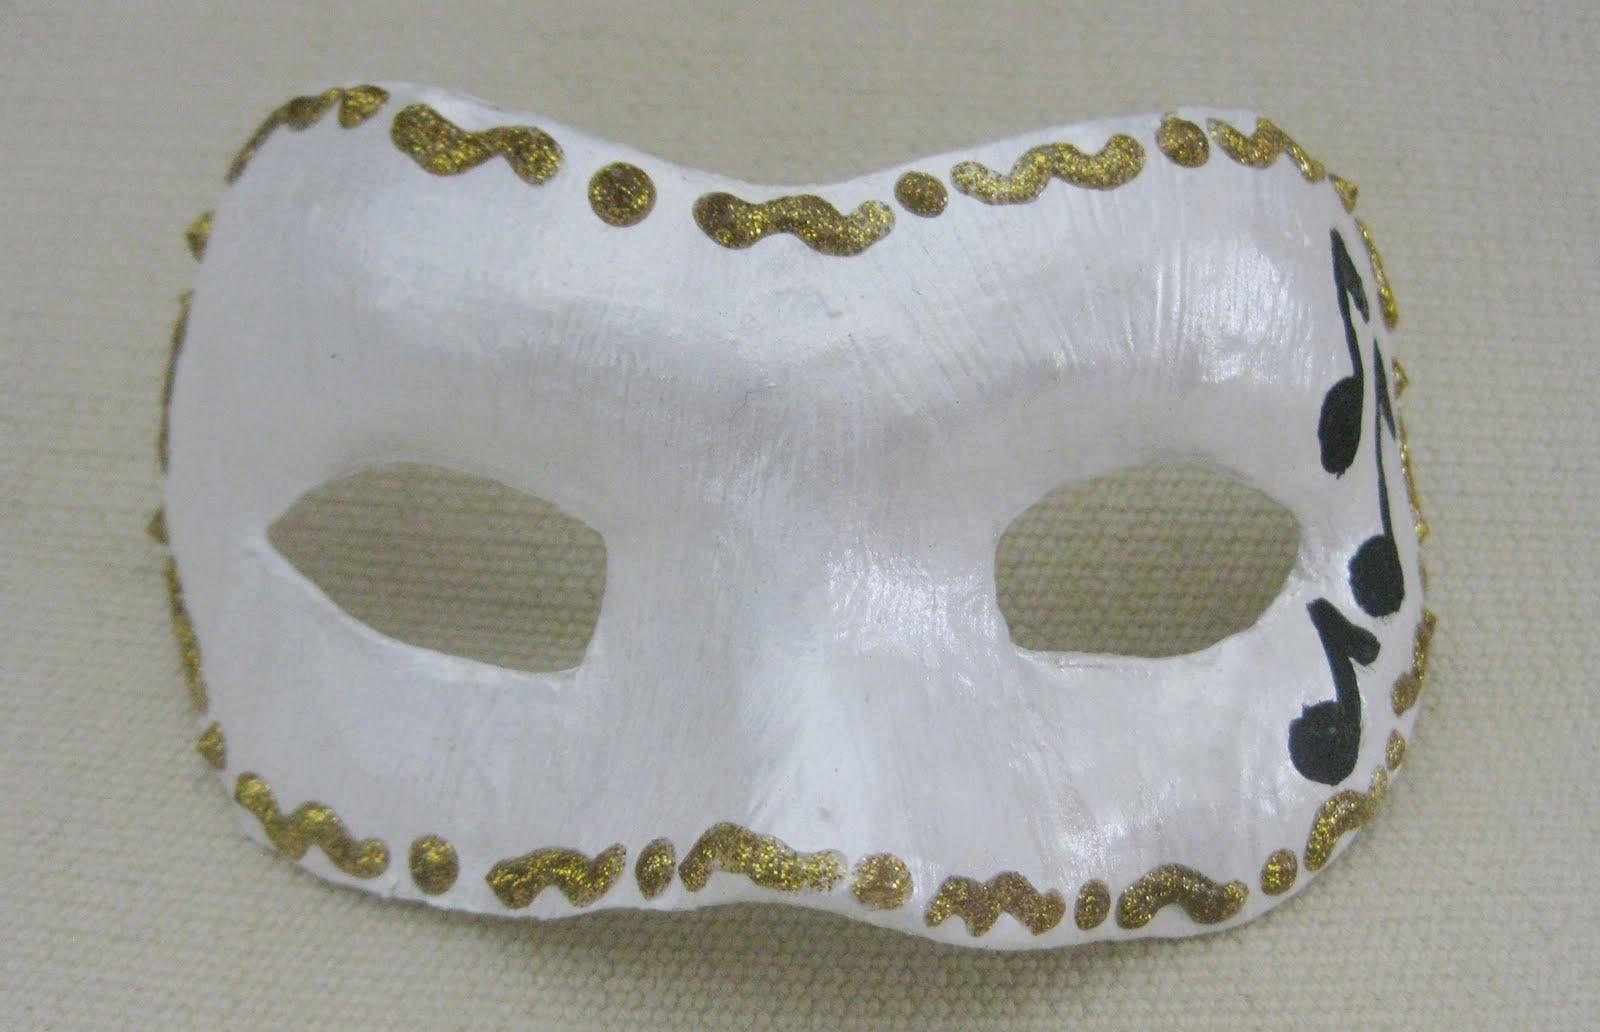 Bhs art gallery sculpture papier mache masks